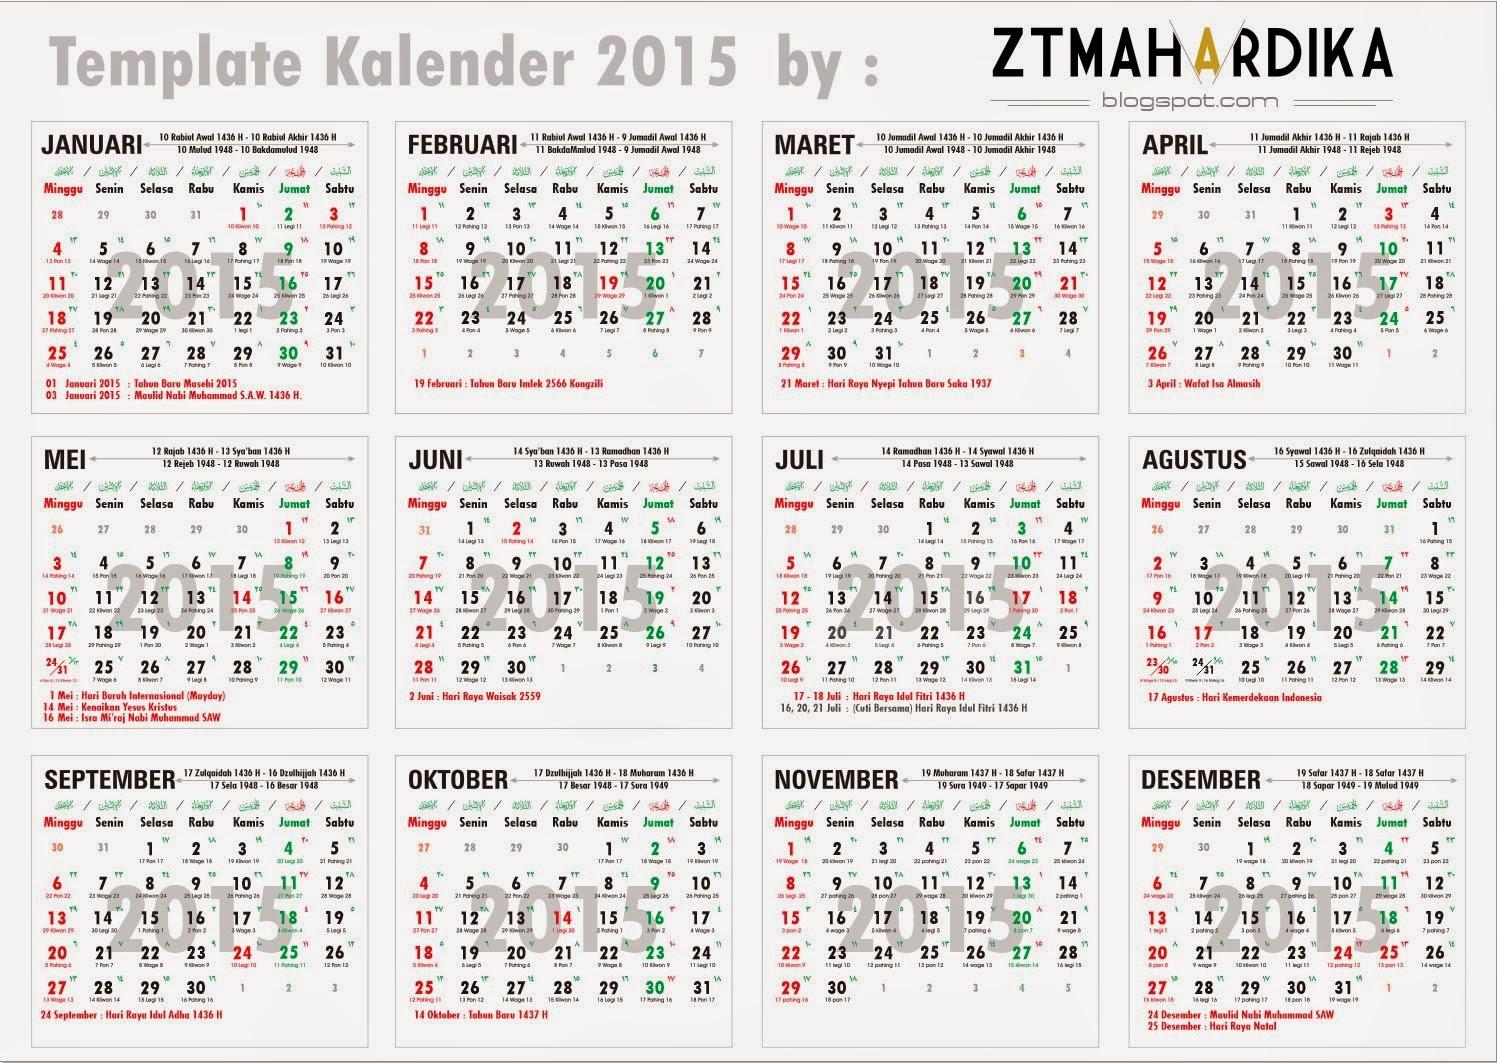 Template Kalender 2015 Lengkap Libur Nasional Amp Kalender Jawa. Free ...